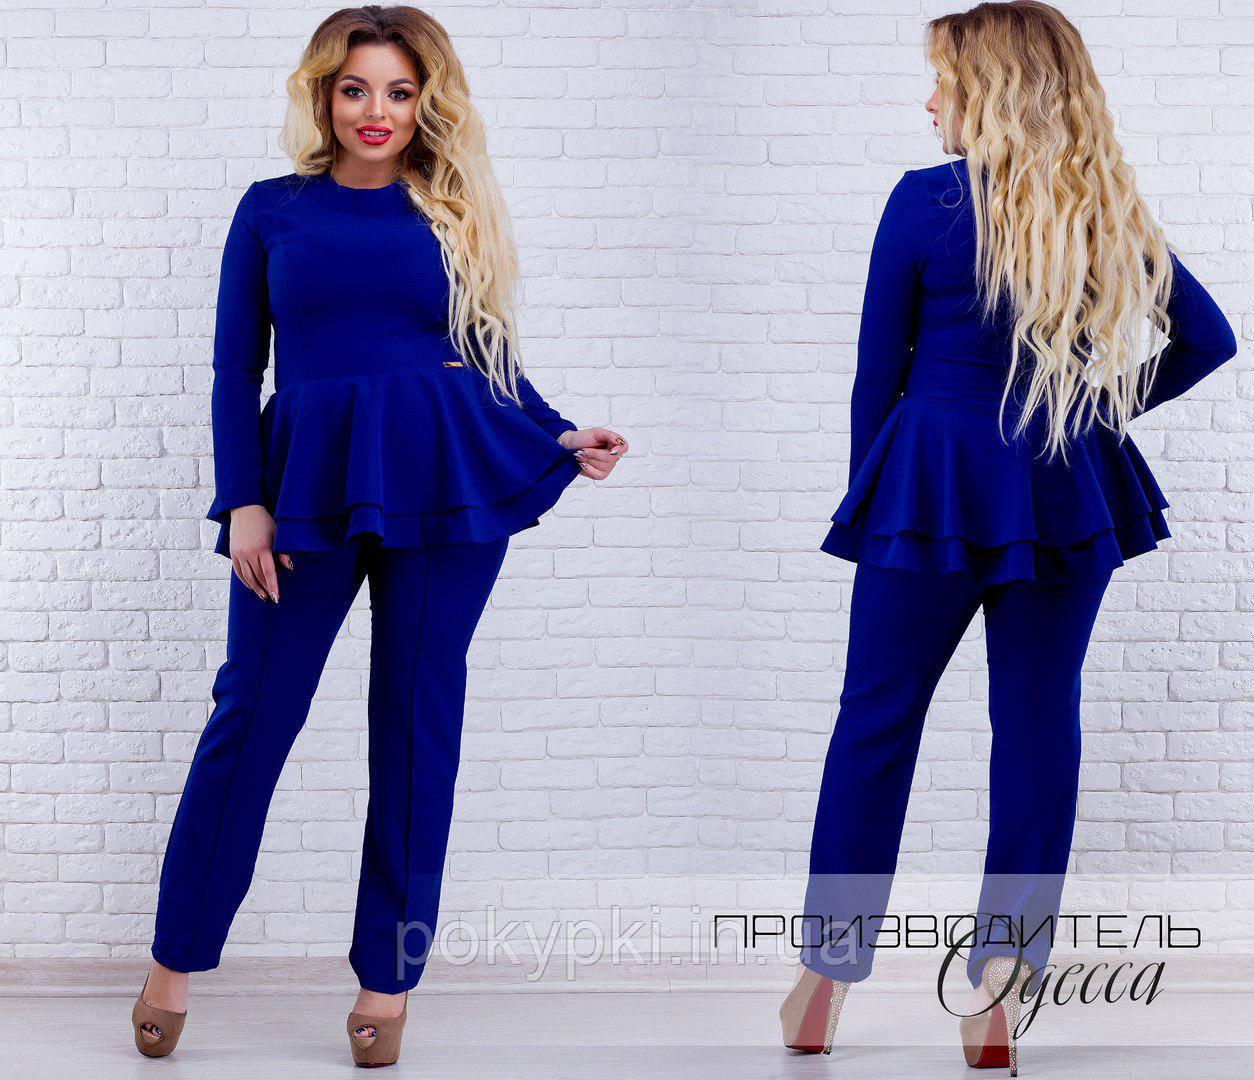 ae527dac015 Купить Женский брючный костюм двойка кофта с баской ярко синий для ...